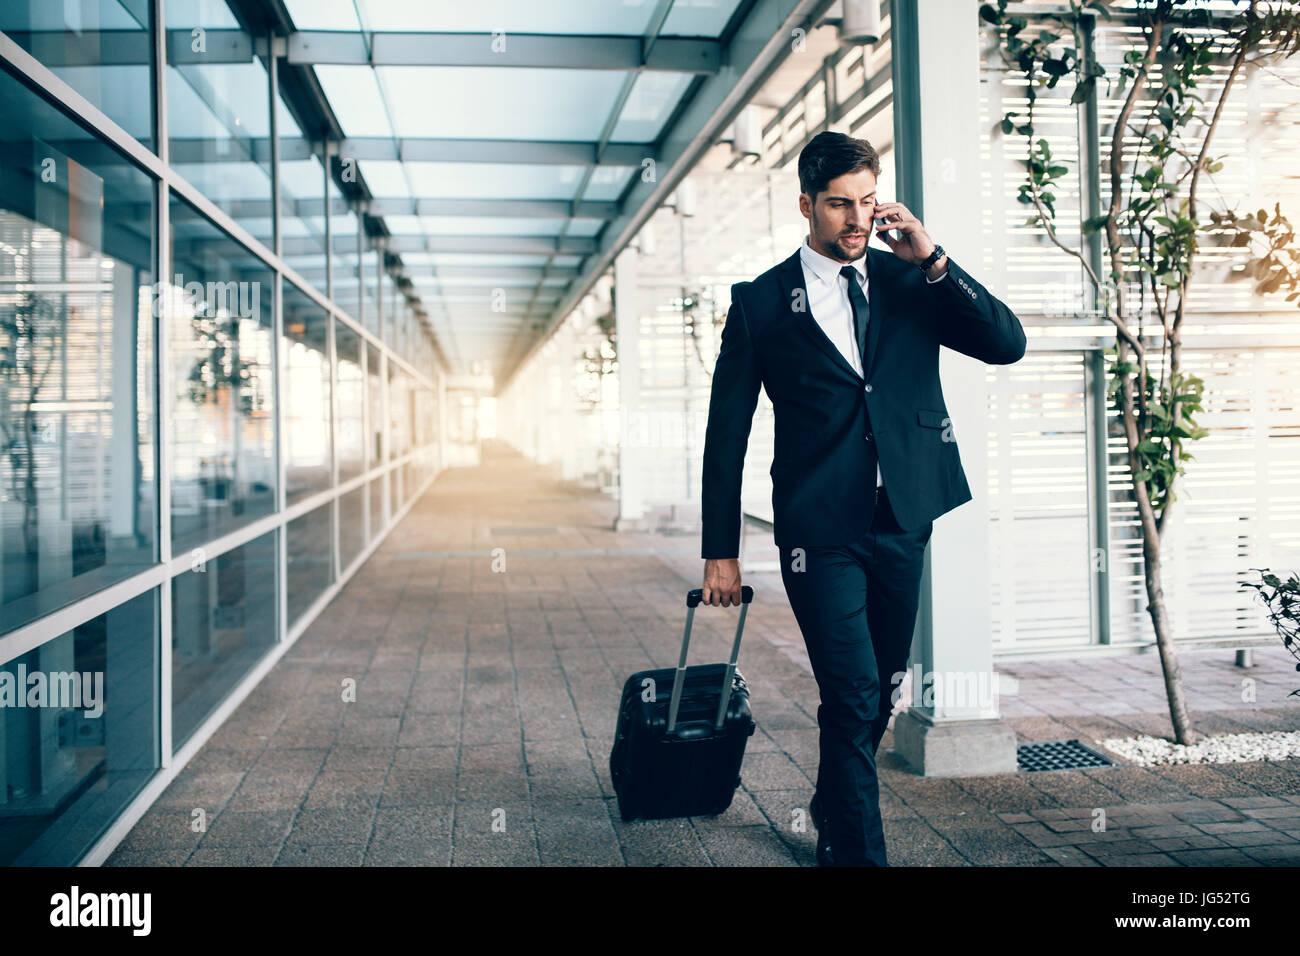 Hübscher junger Mann auf Geschäftsreise gehen mit seinem Gepäck und sprechen über Handy am Flughafen. Stockbild